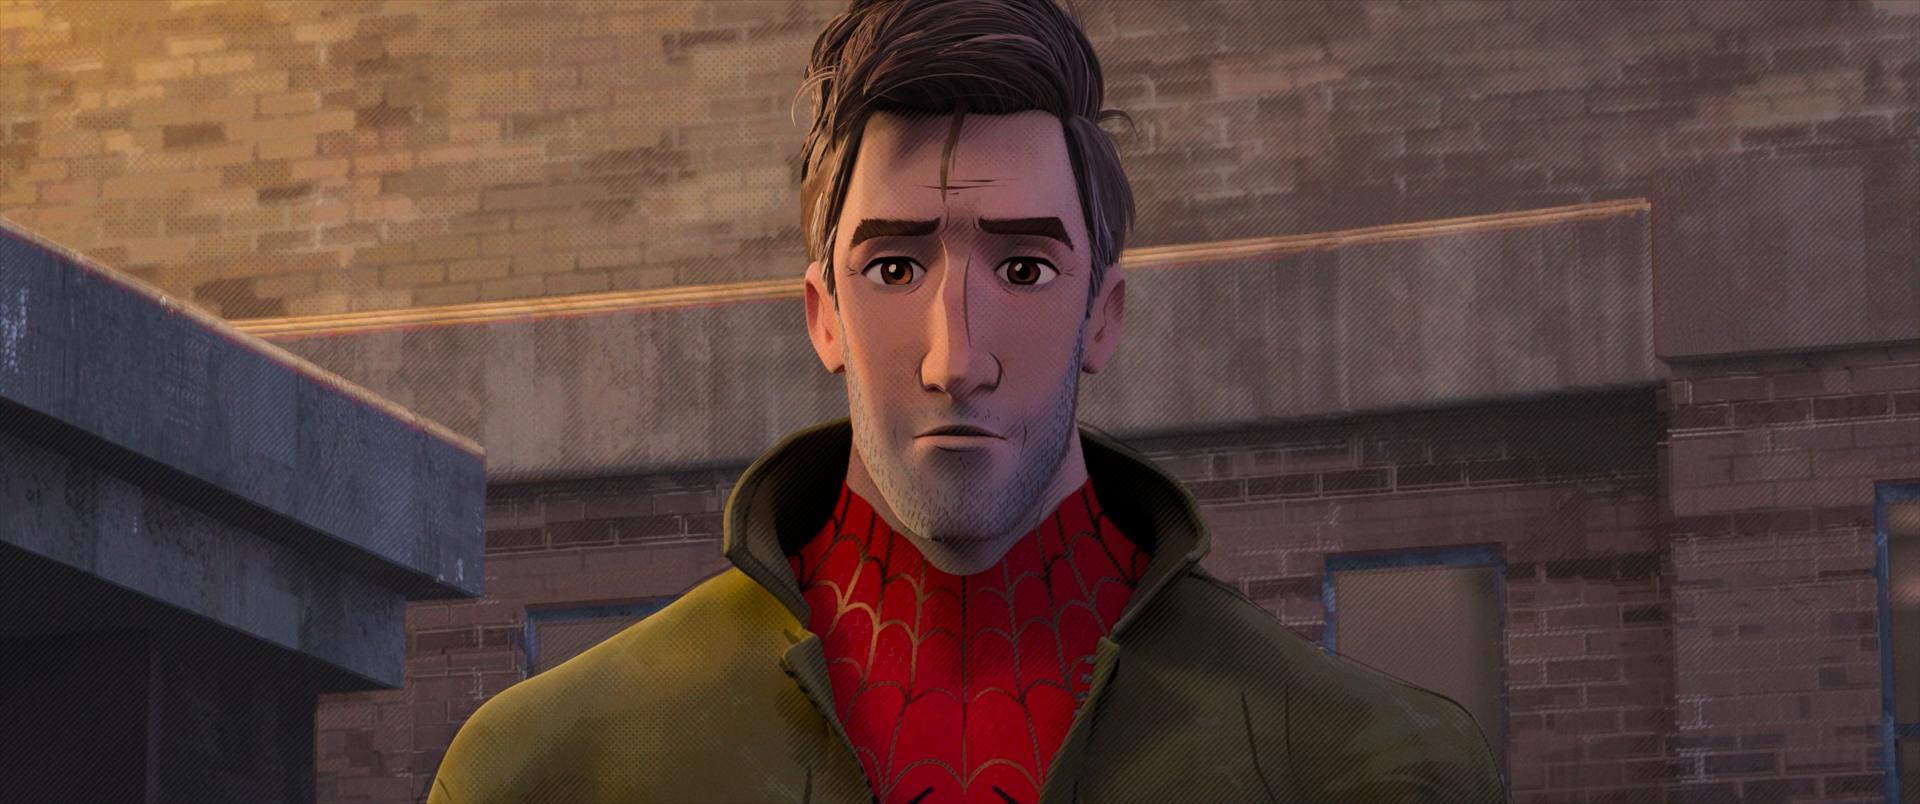 Örümcek-Adam: Örümcek Evreninde - Spider-Man: Into the Spider-Verse 2018 Türkçe Dublaj HD İndir